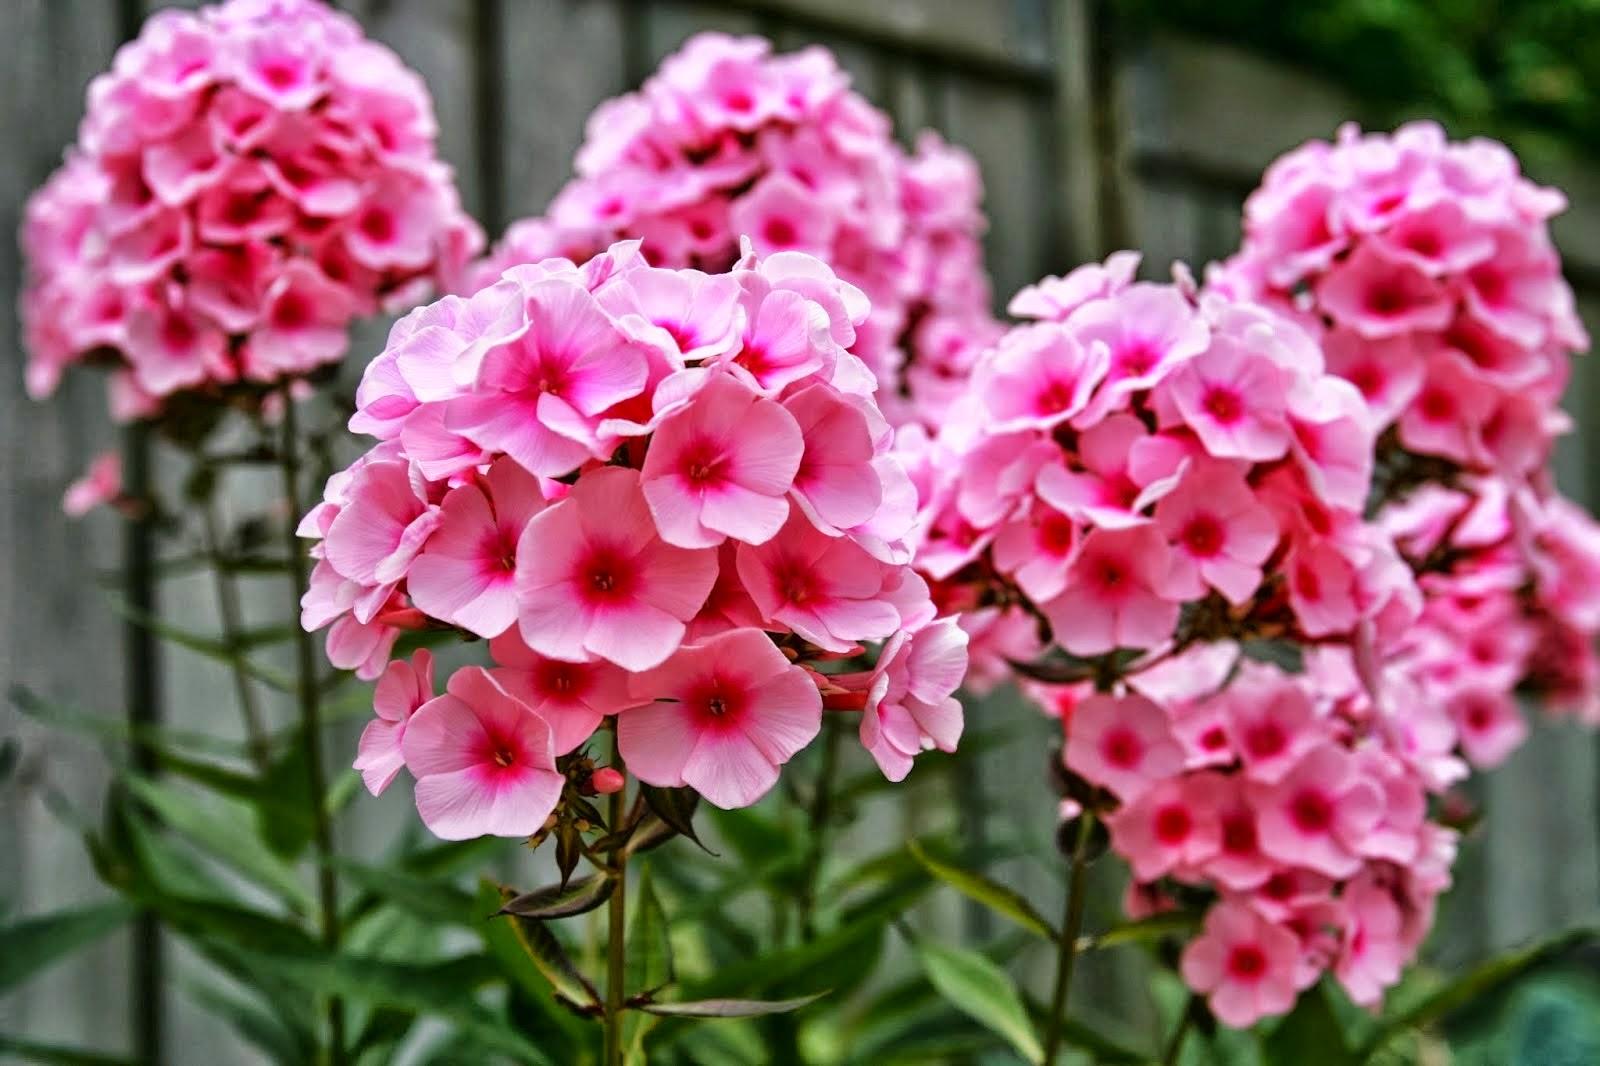 Bunga cantik tapi mematikan merlynstefany